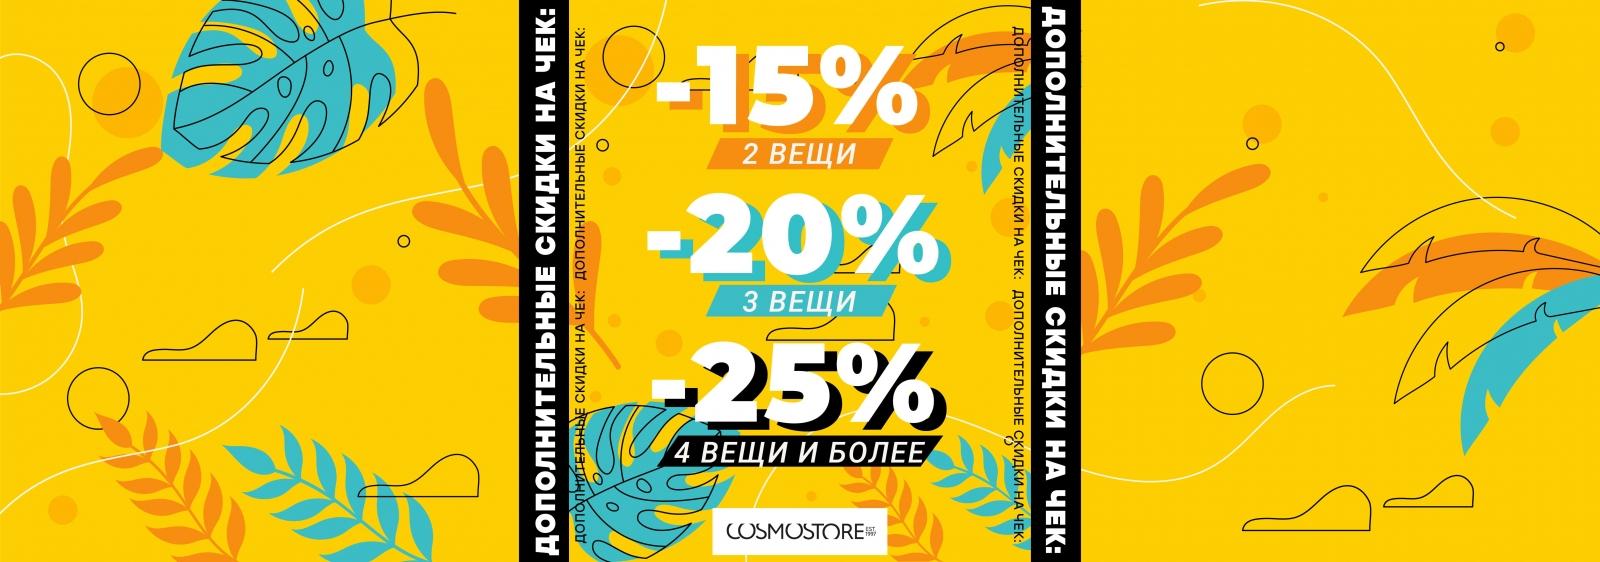 Тройная выгода в Cosmo Store Discount: увеличены скидки на чек!